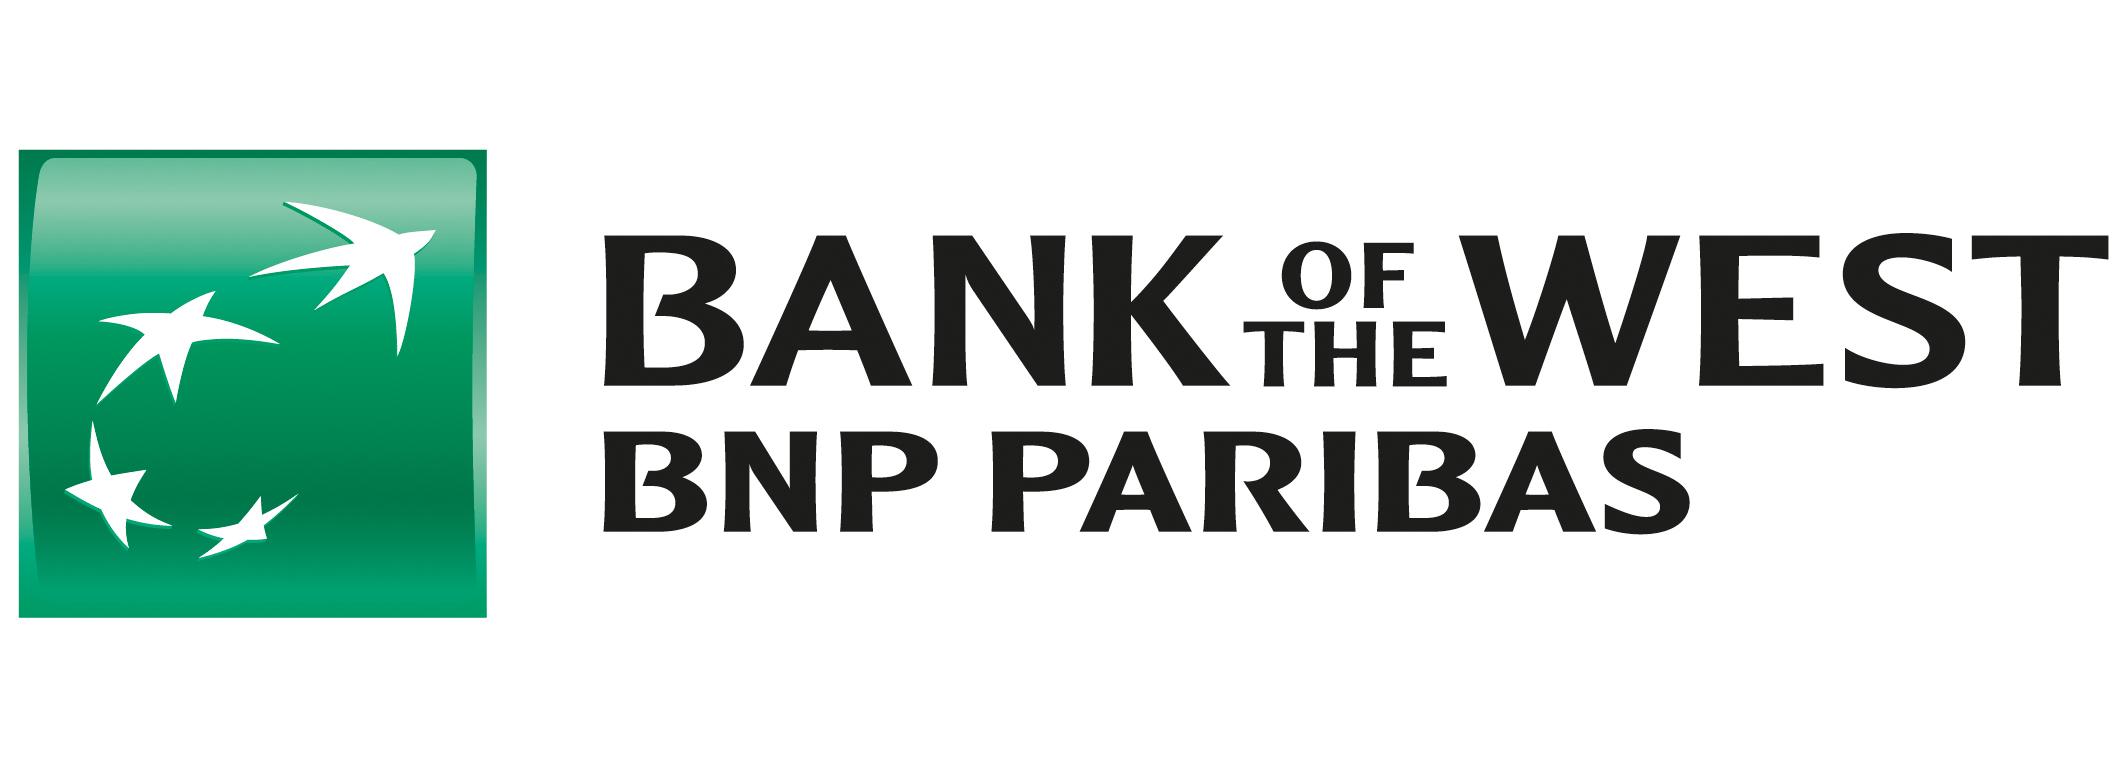 Bank of the West botw-bnpp-logo-color.jpg